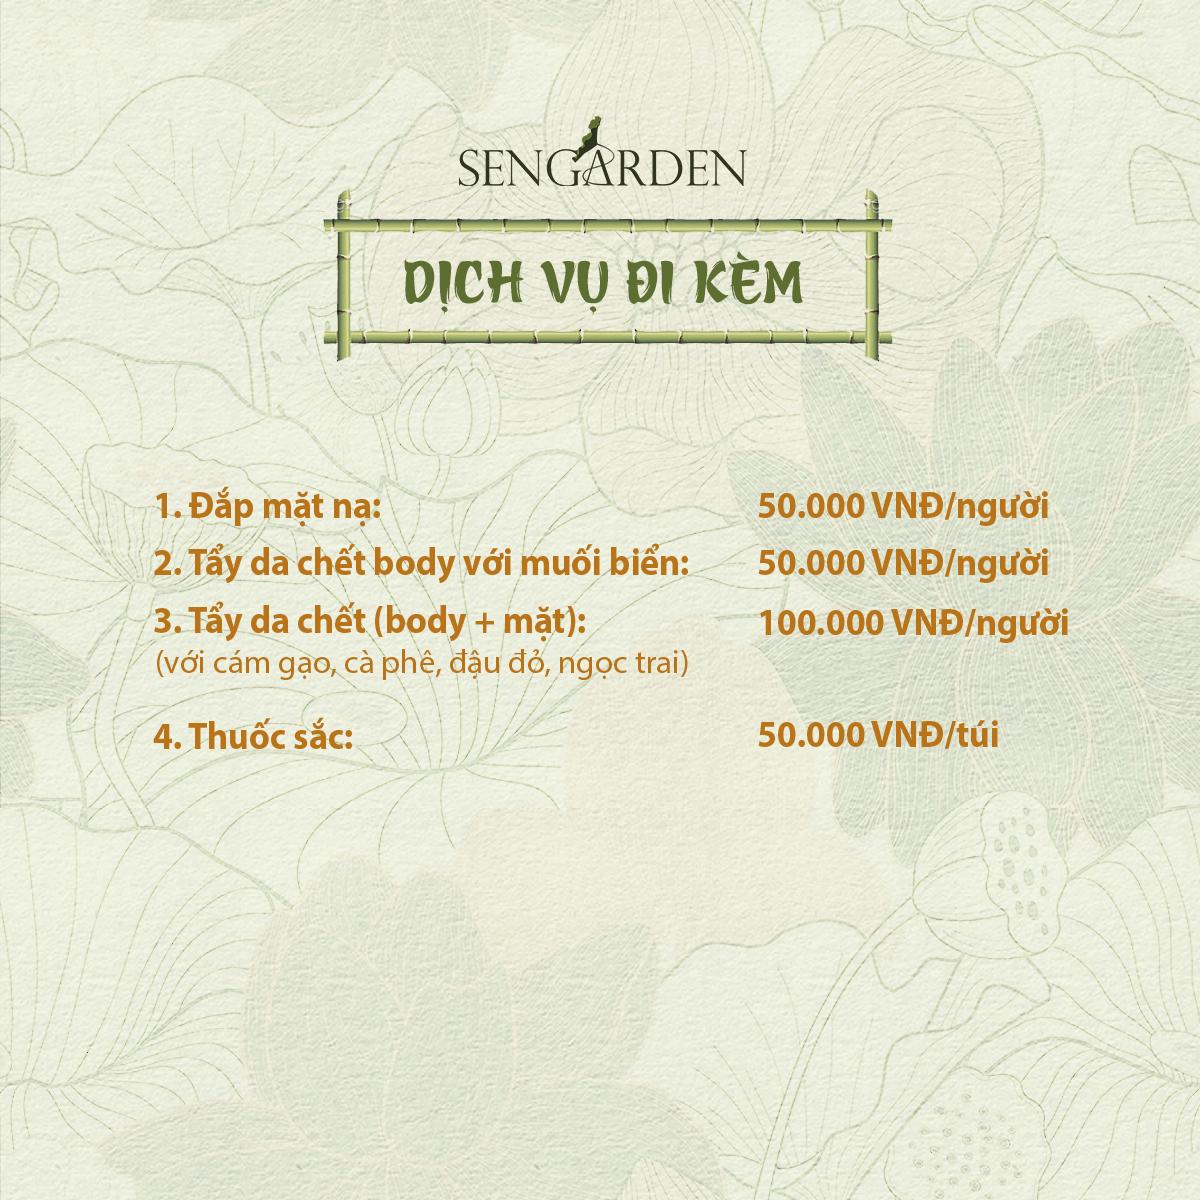 Bảng giá Sen Tài Thu - Sen Garden - Dịch vụ đi kèm